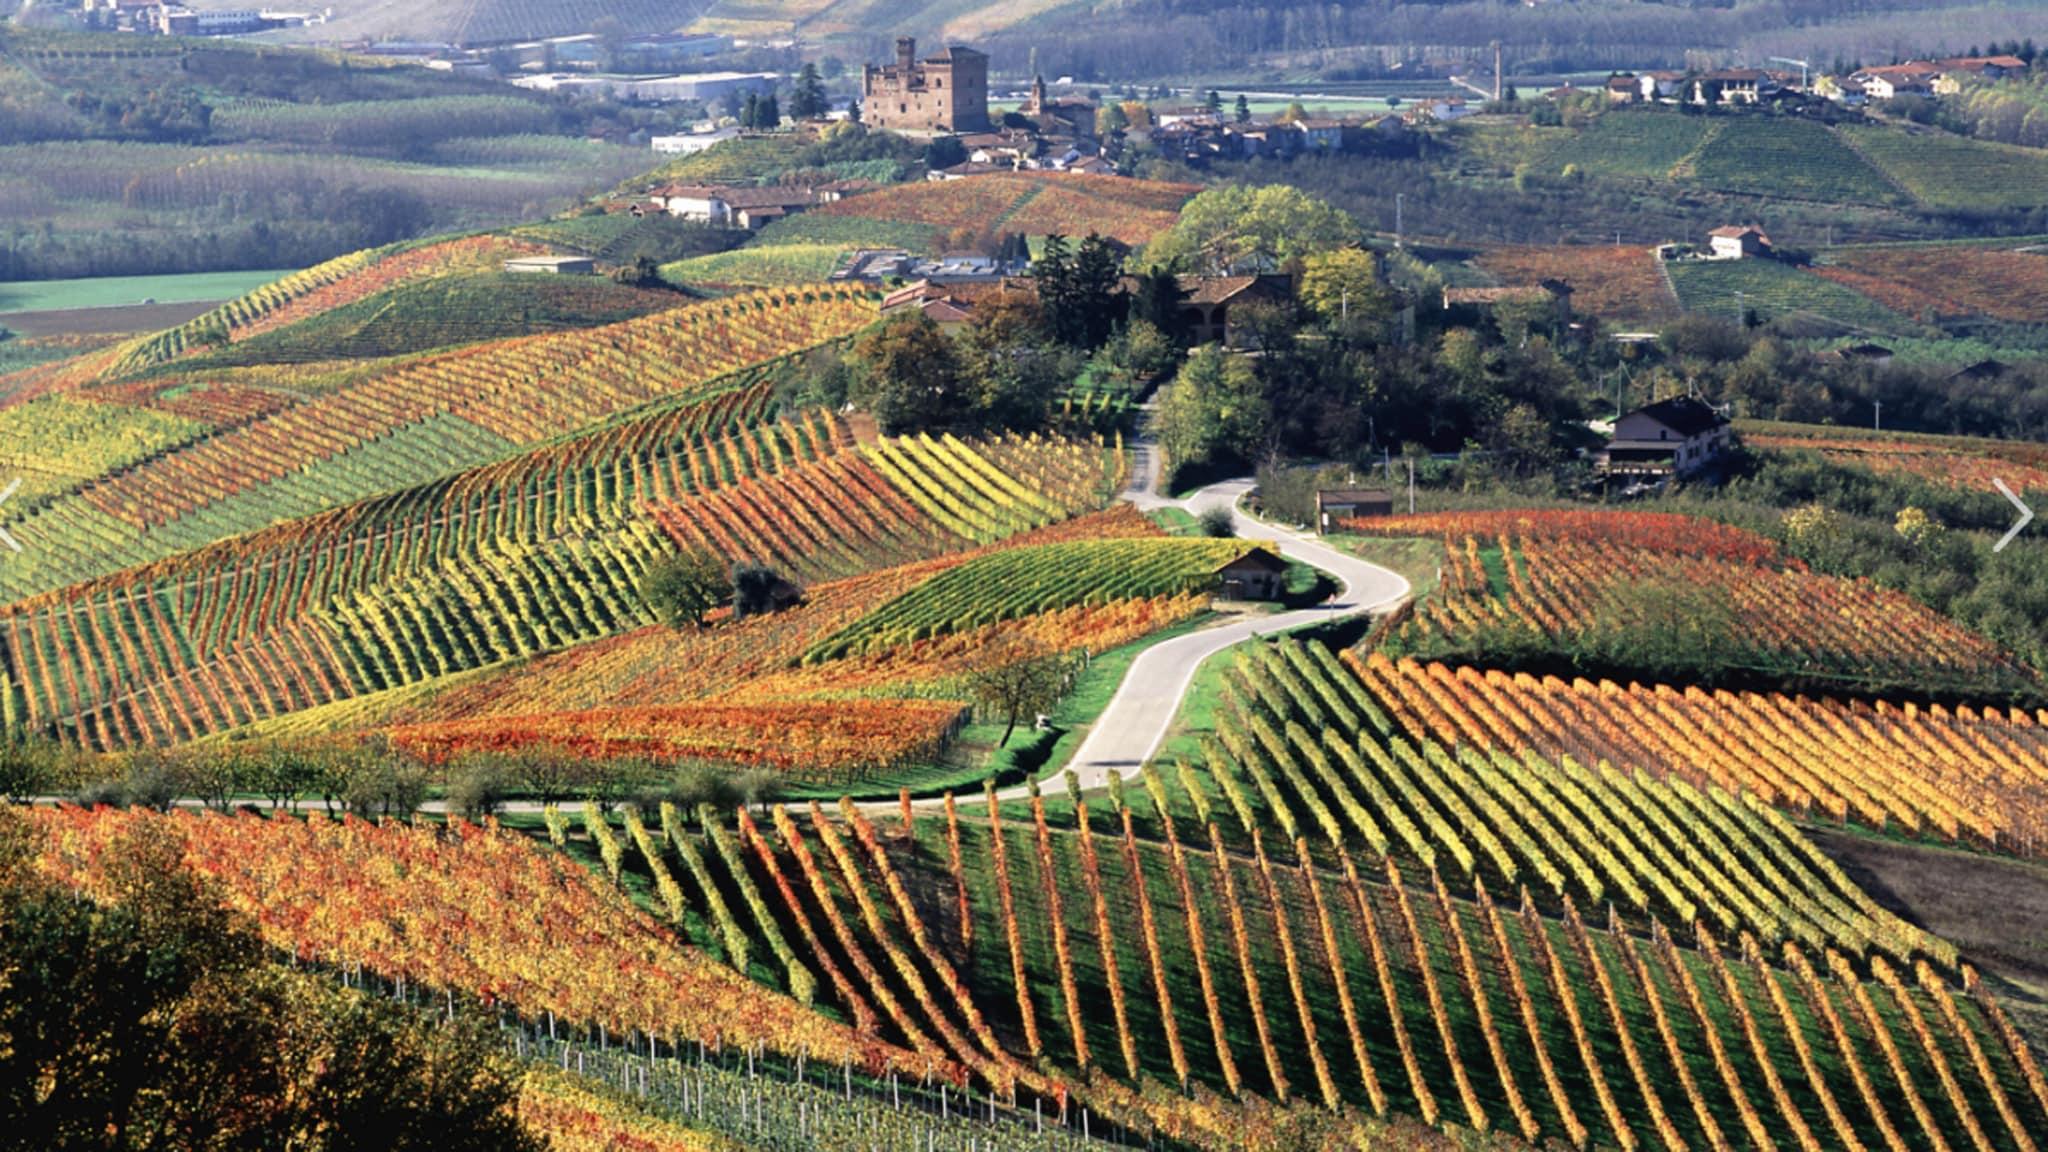 Rai Storia Viaggio in Italia. Toscana. Gioielli di Toscana